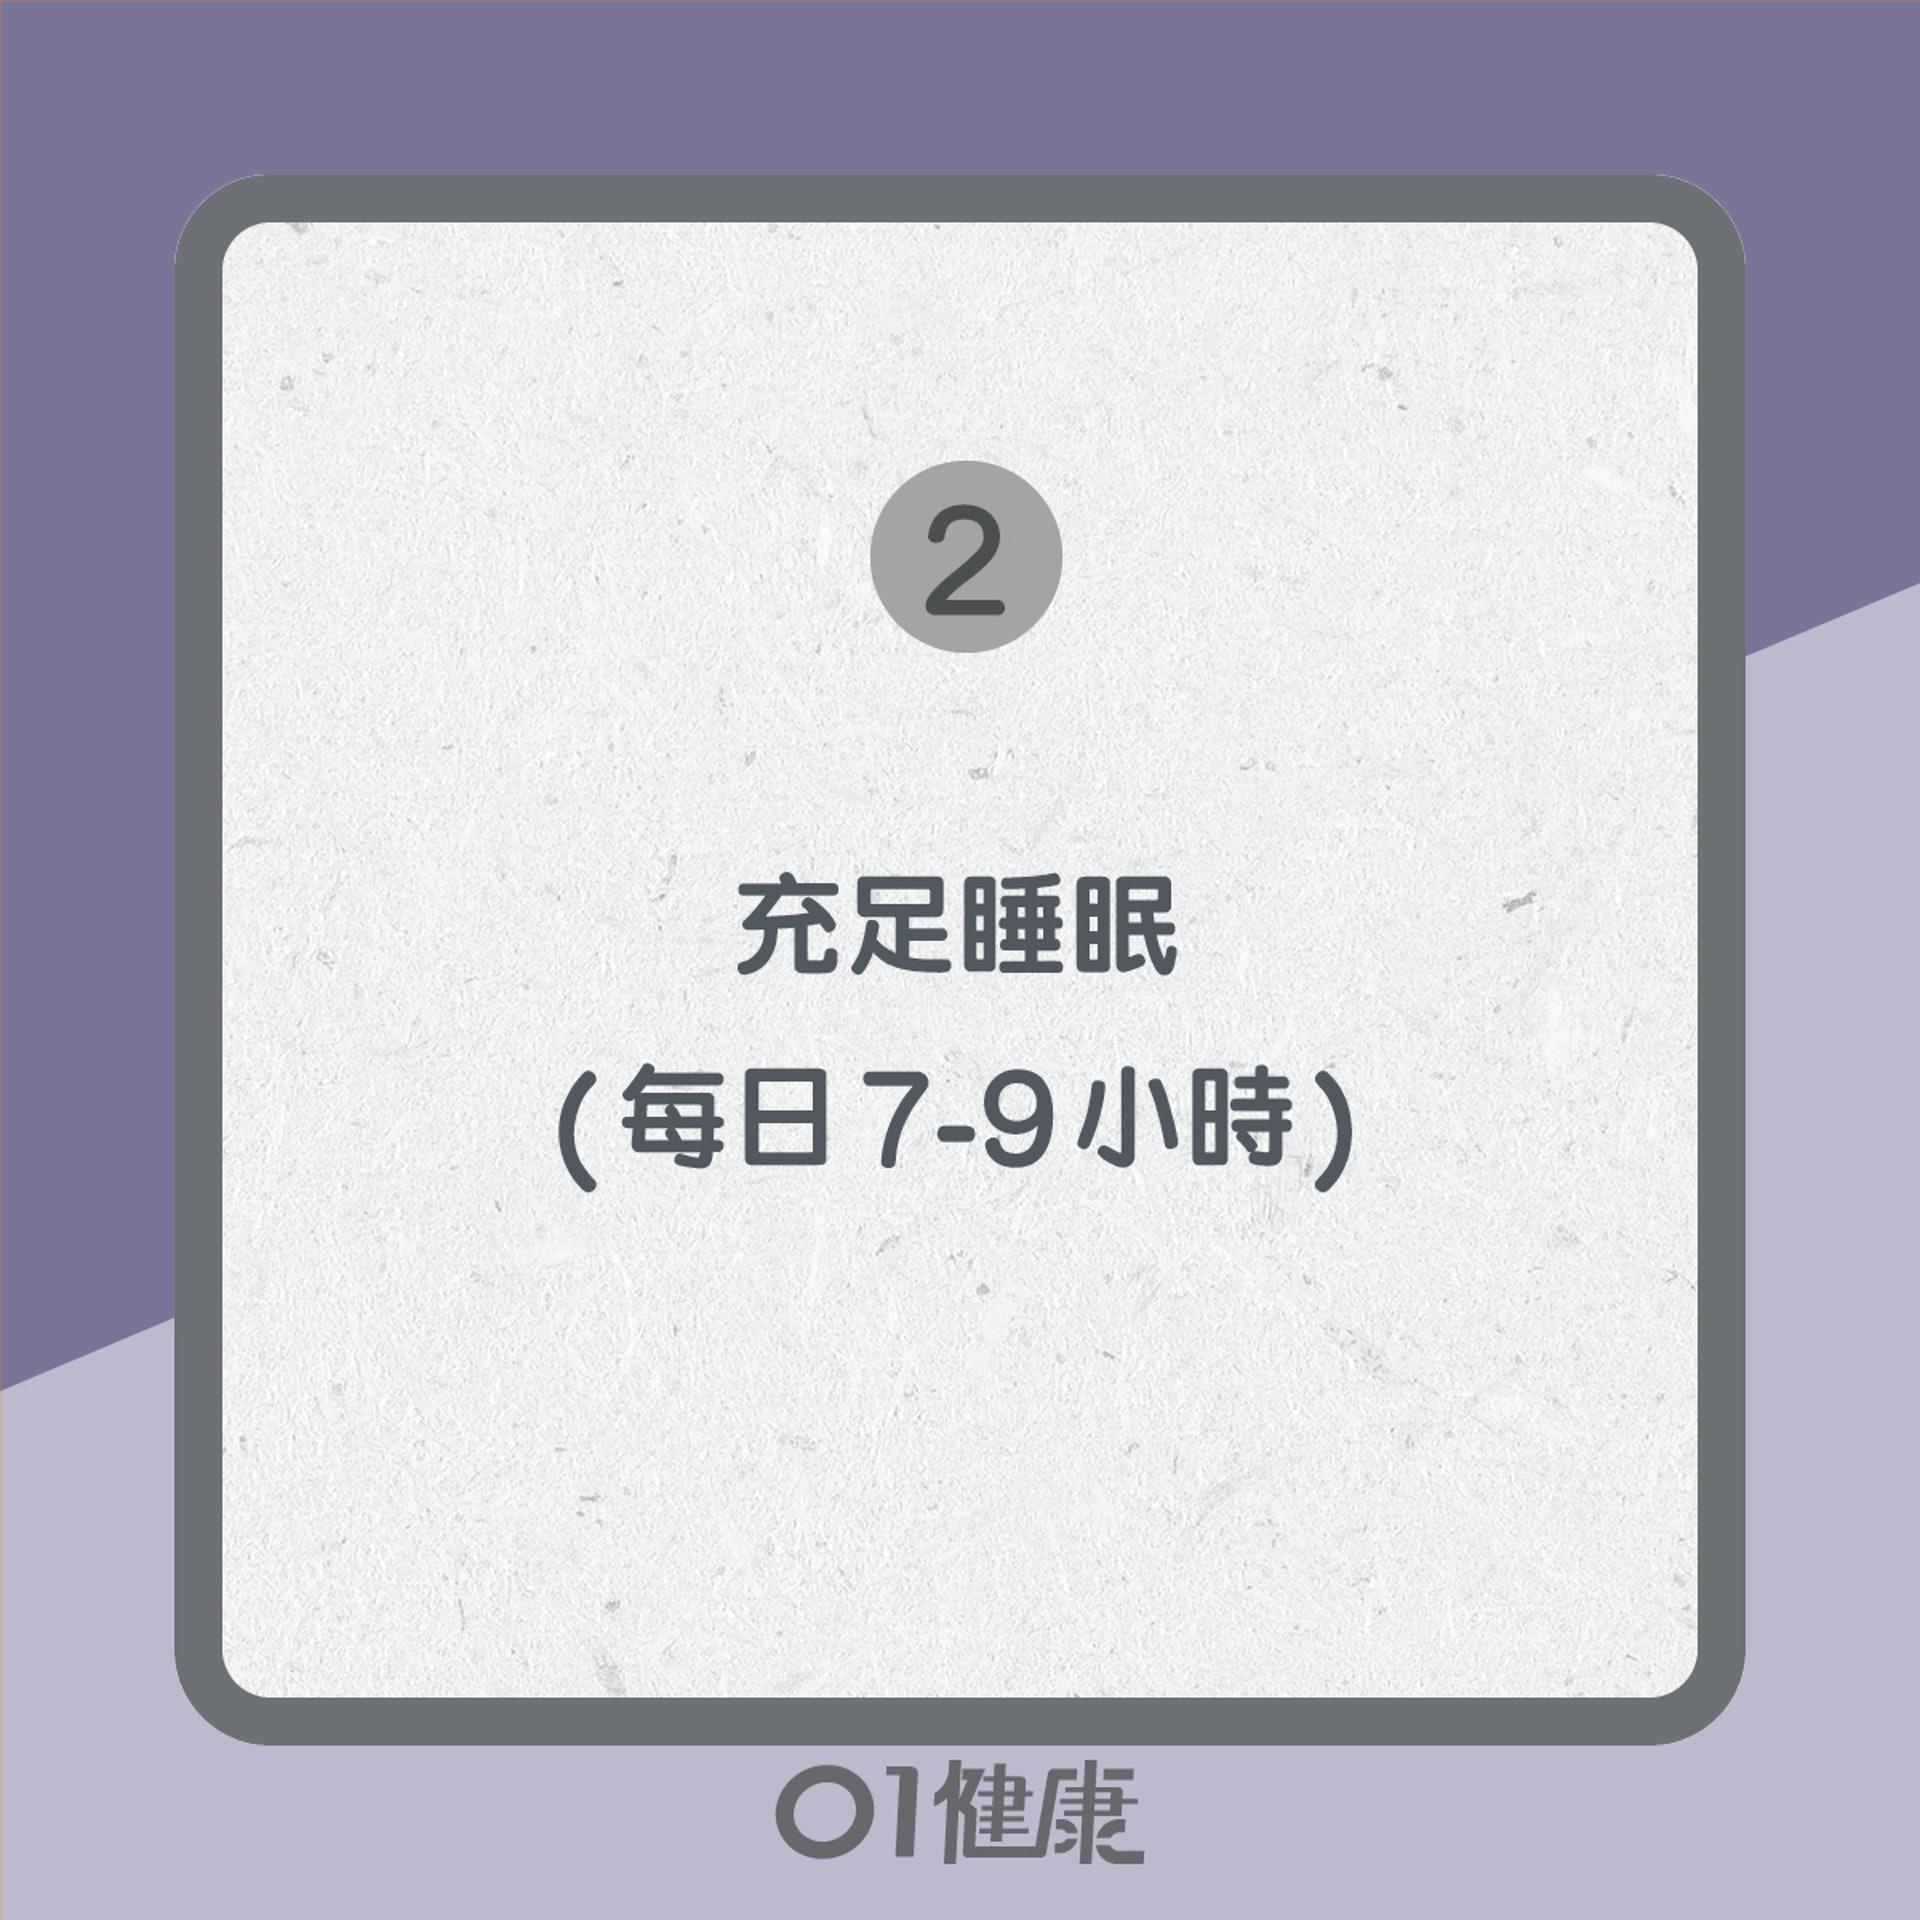 抗衰老小貼士(01製圖)